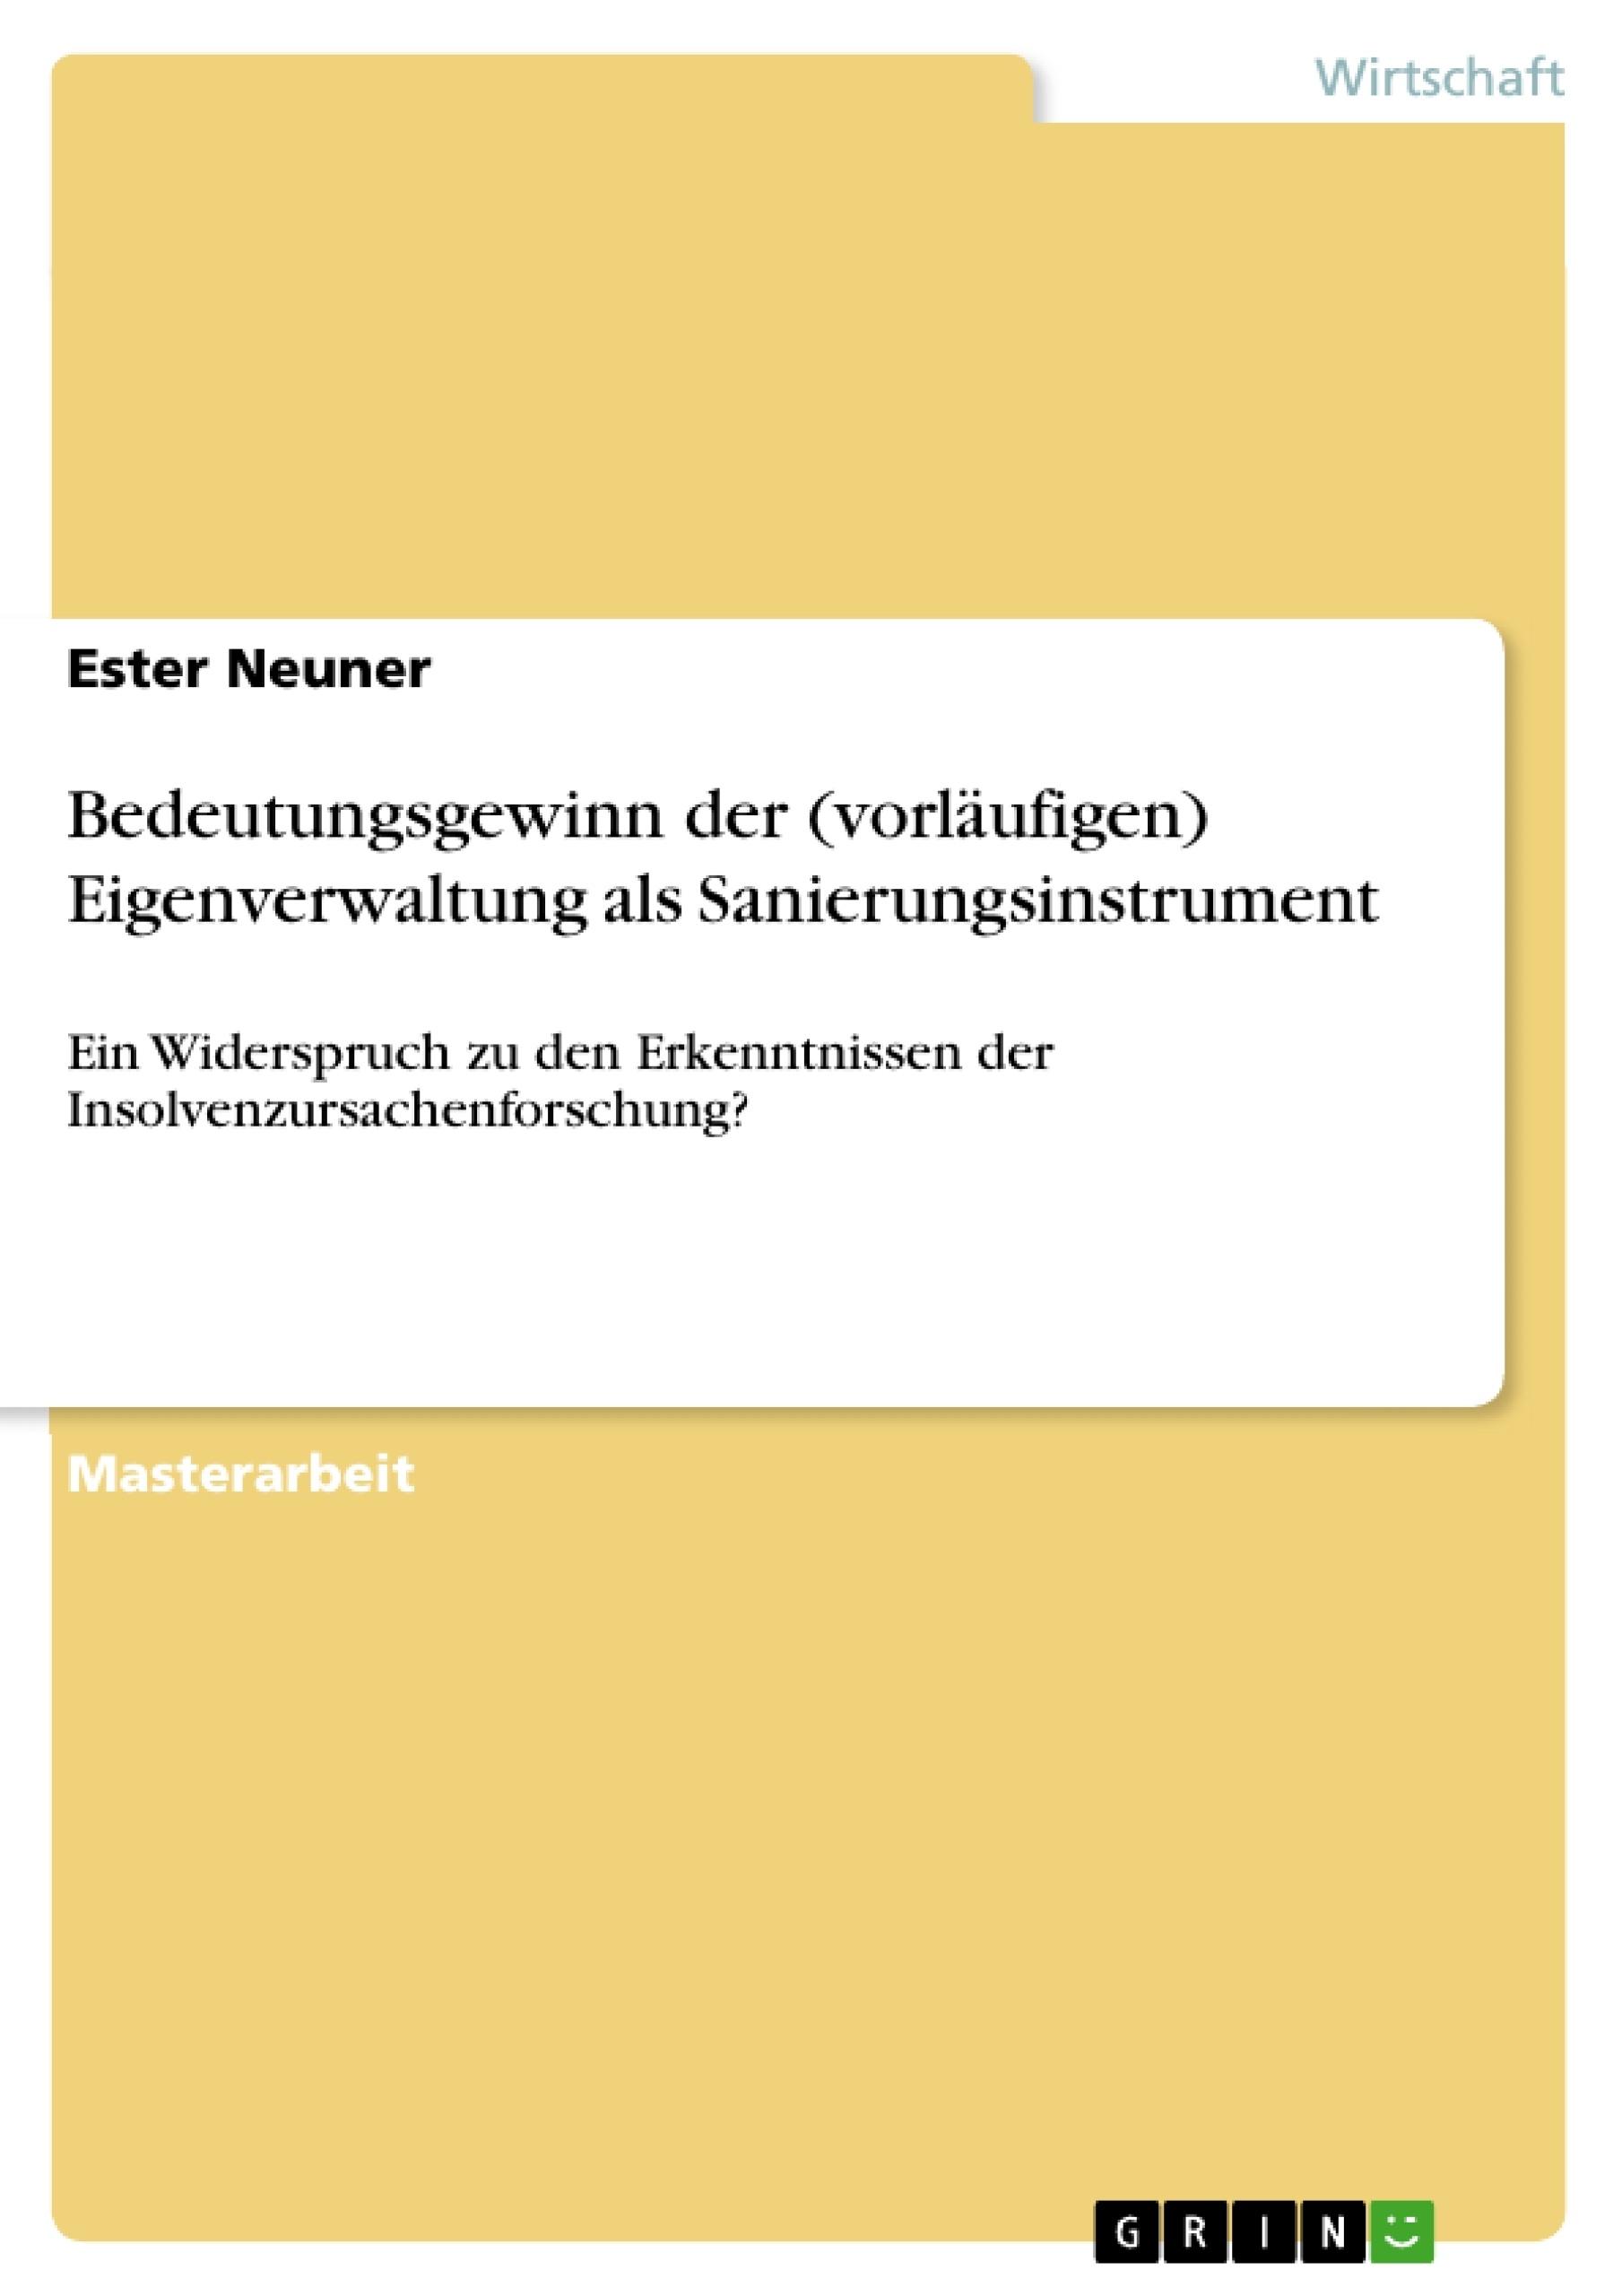 Titel: Bedeutungsgewinn der (vorläufigen) Eigenverwaltung als Sanierungsinstrument